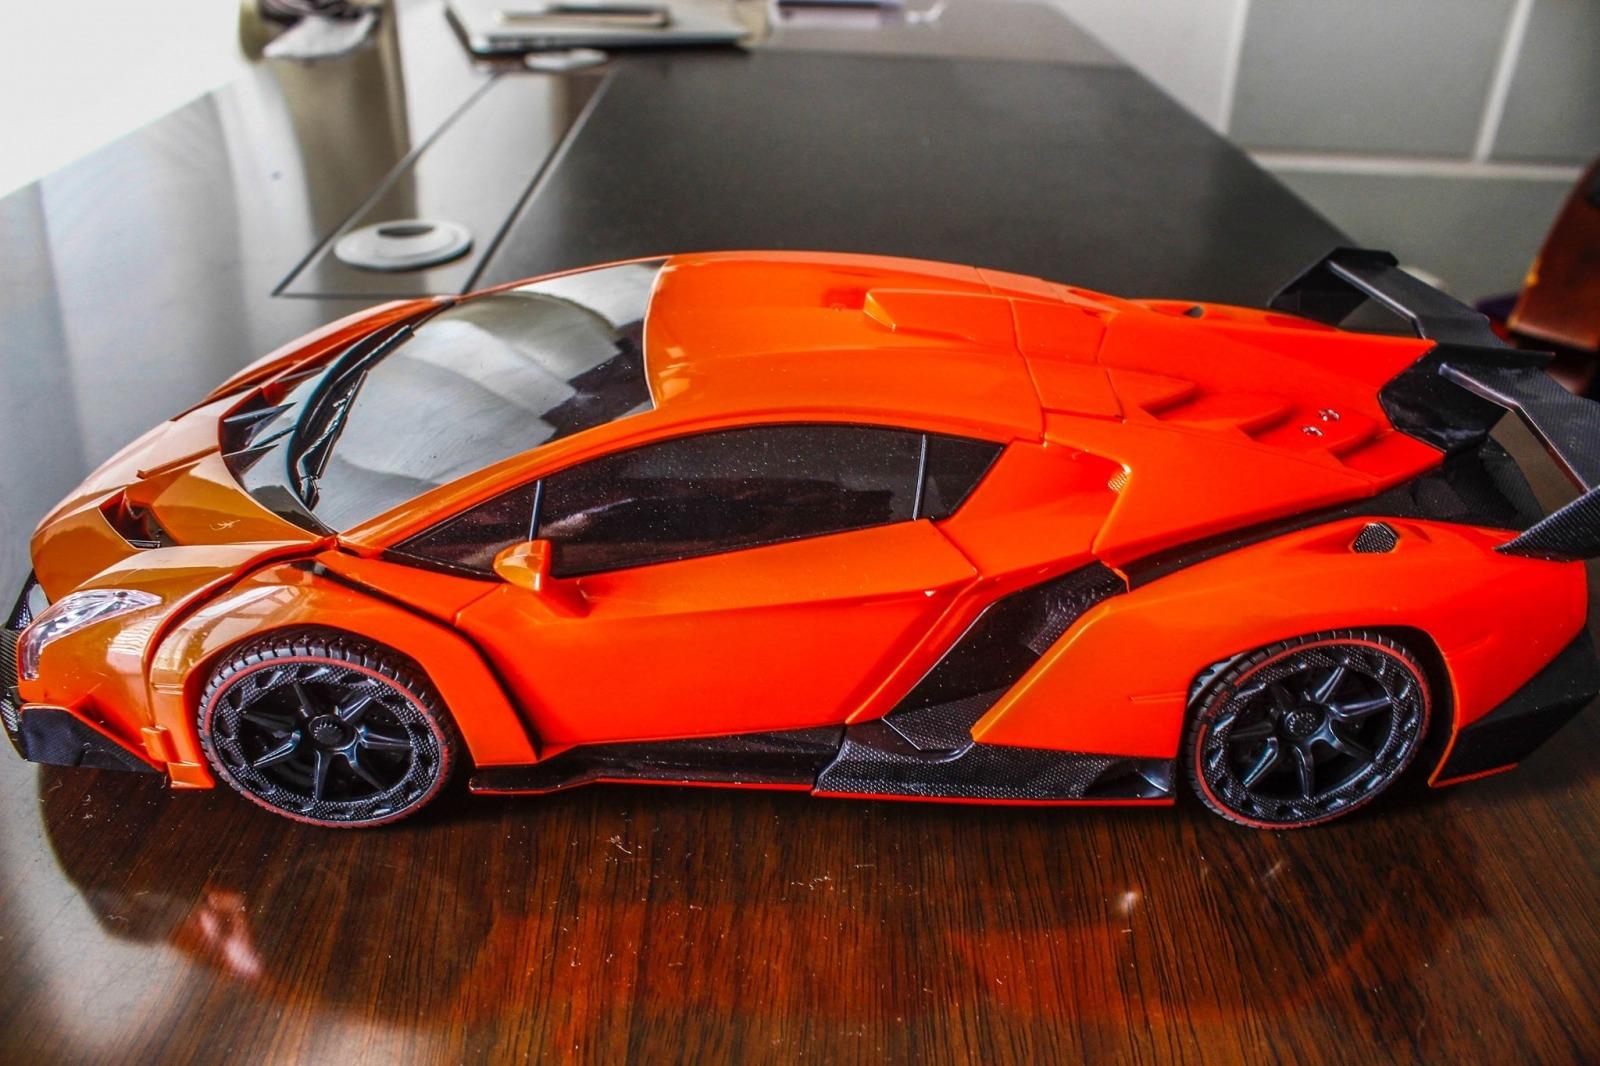 bán xe robot biến hình giá rẻ đẹp ở tphcm 003